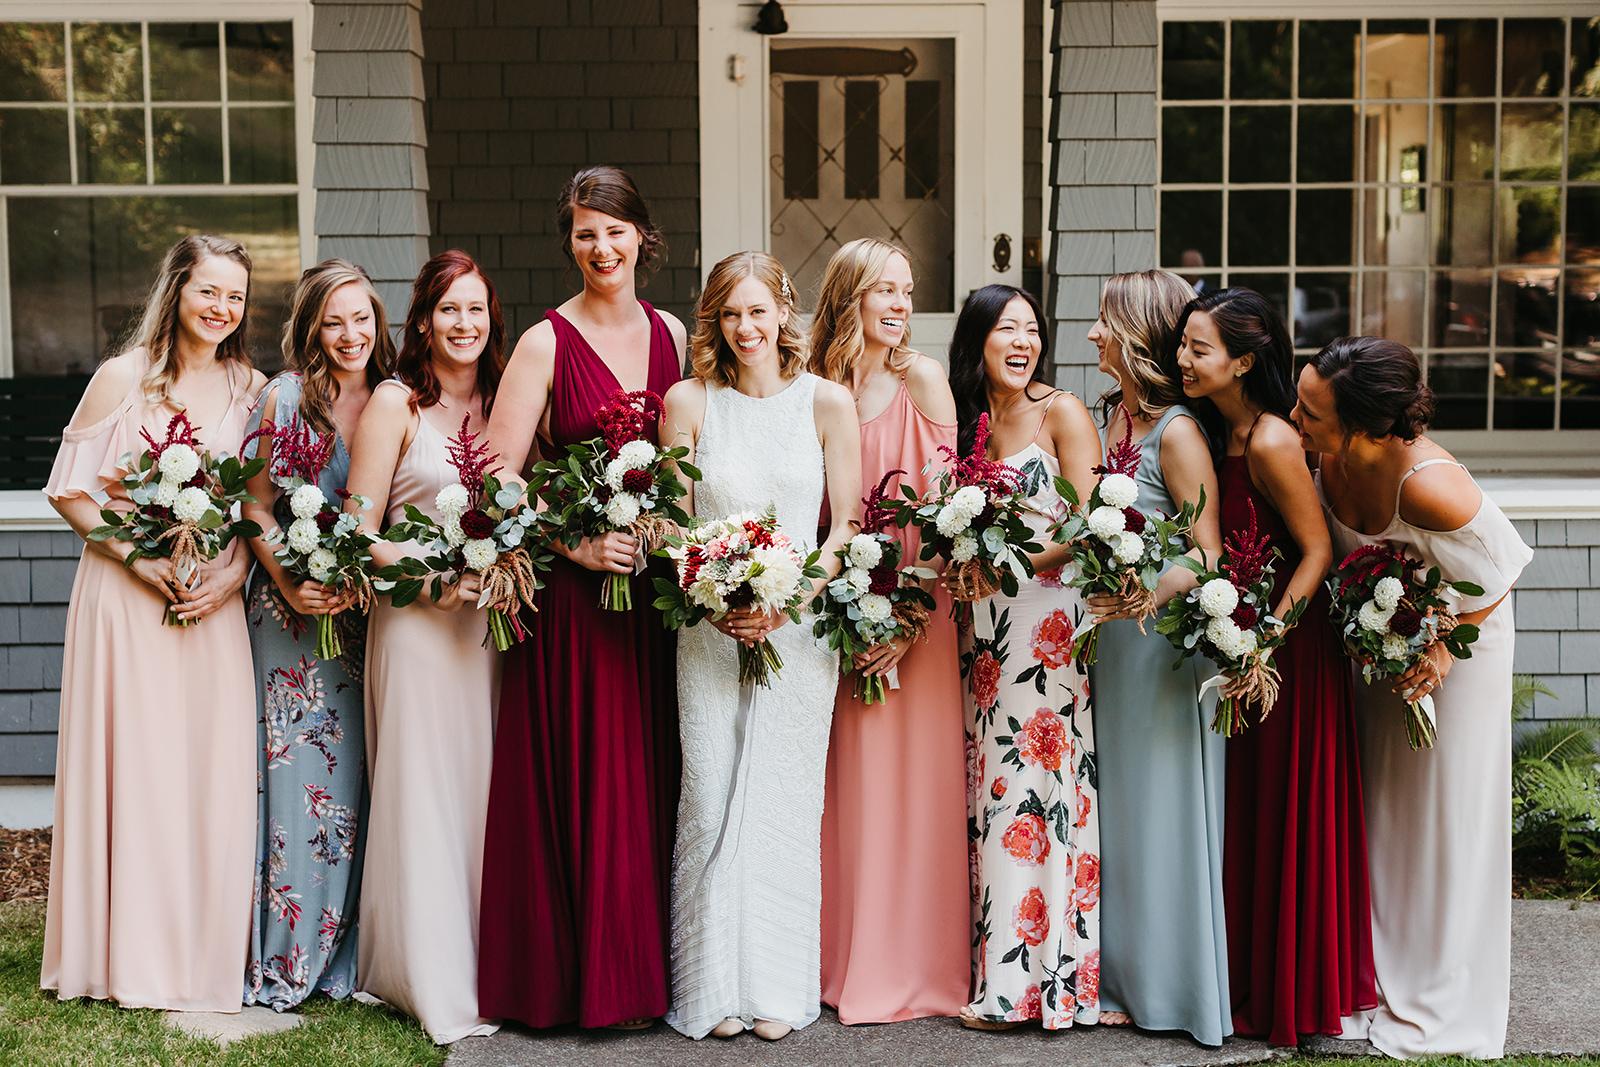 HilaryJaminWedding-WeddingParty-26.jpg